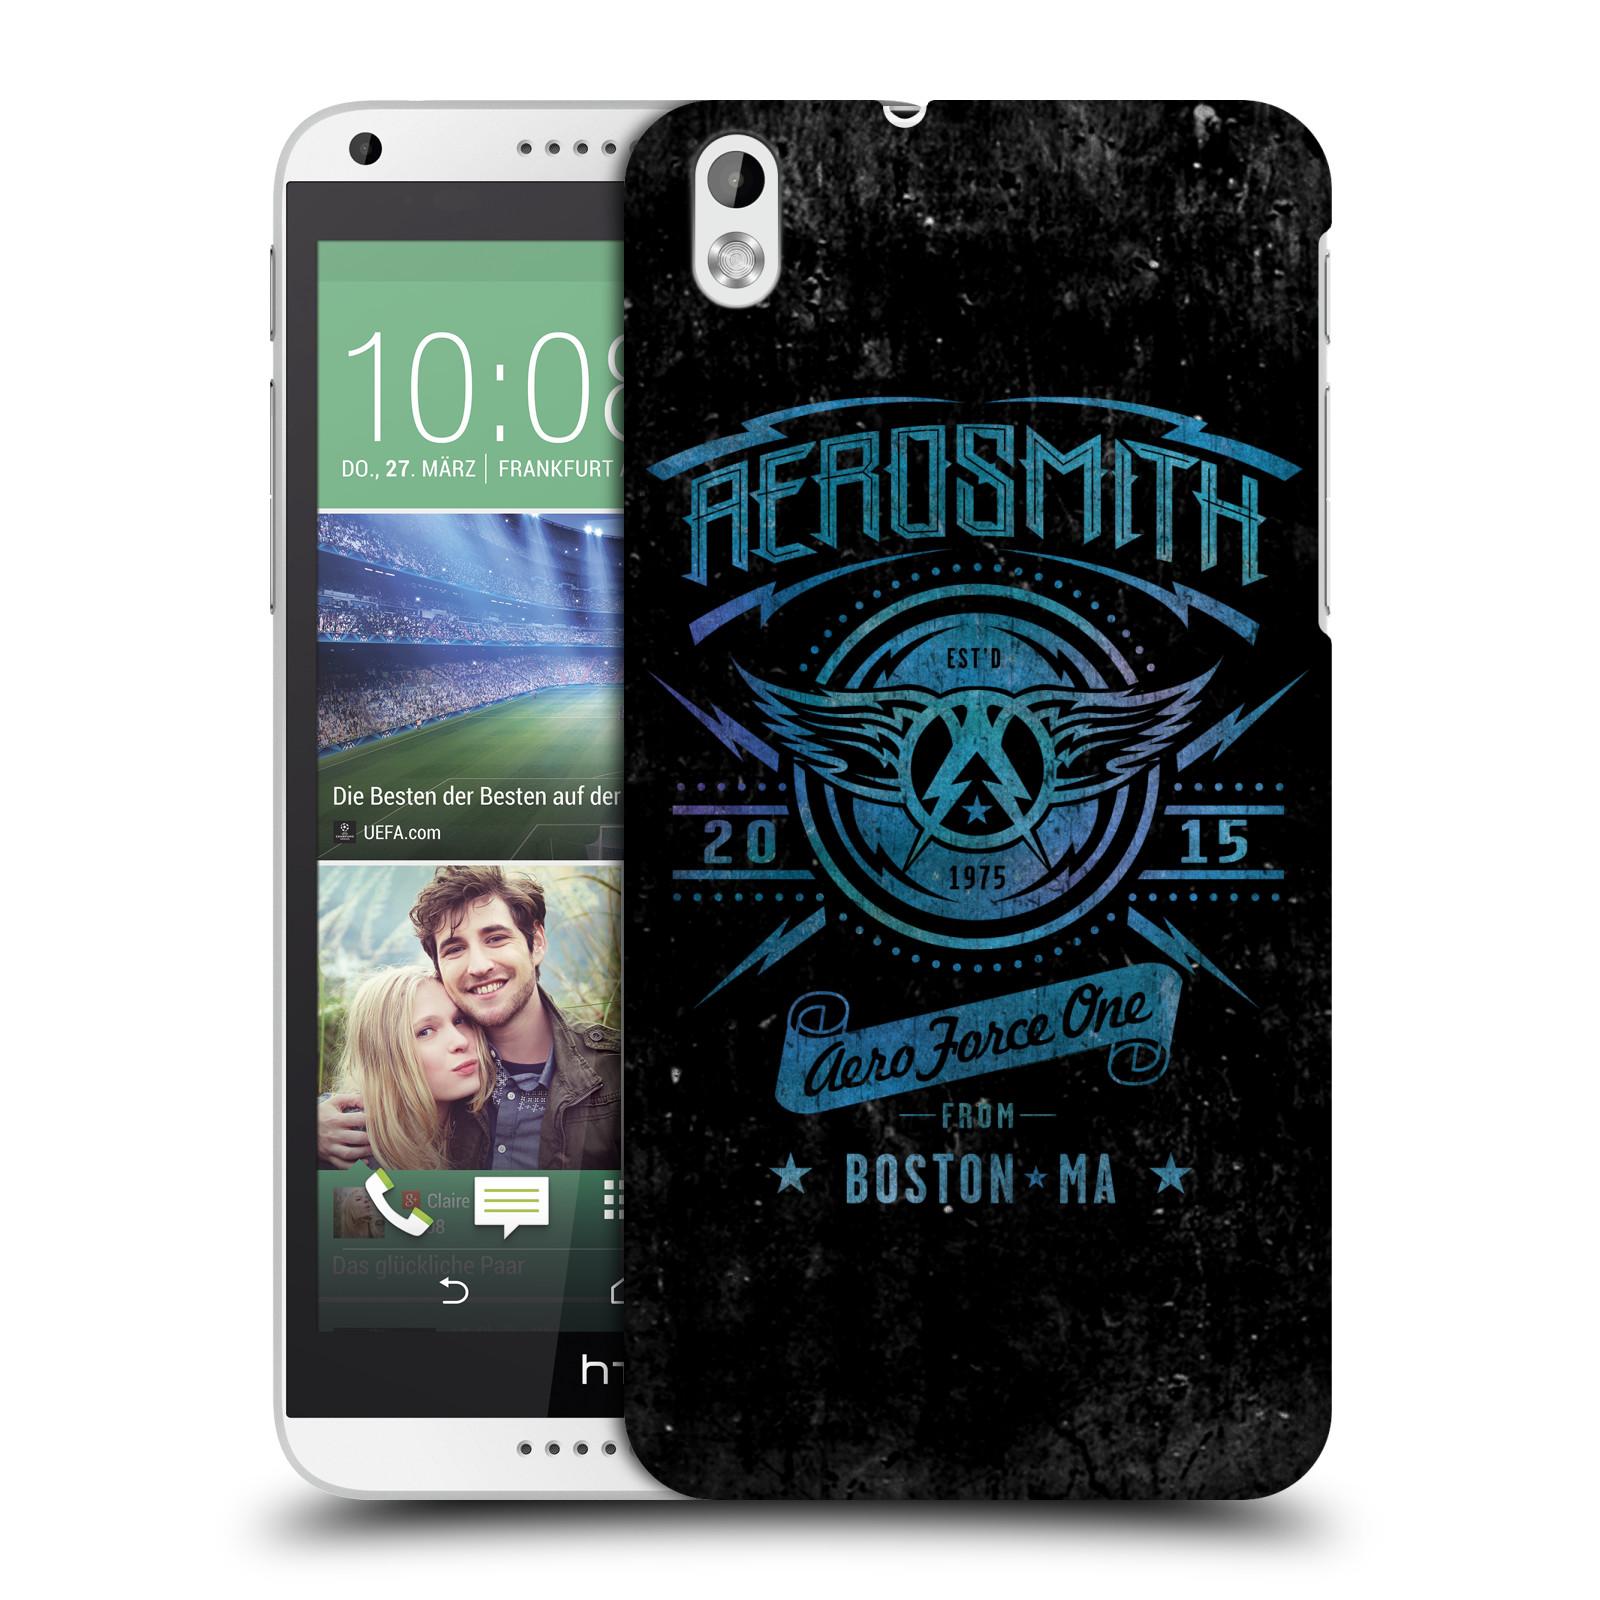 Plastové pouzdro na mobil HTC Desire 816 HEAD CASE - Aerosmith - Aero Force One